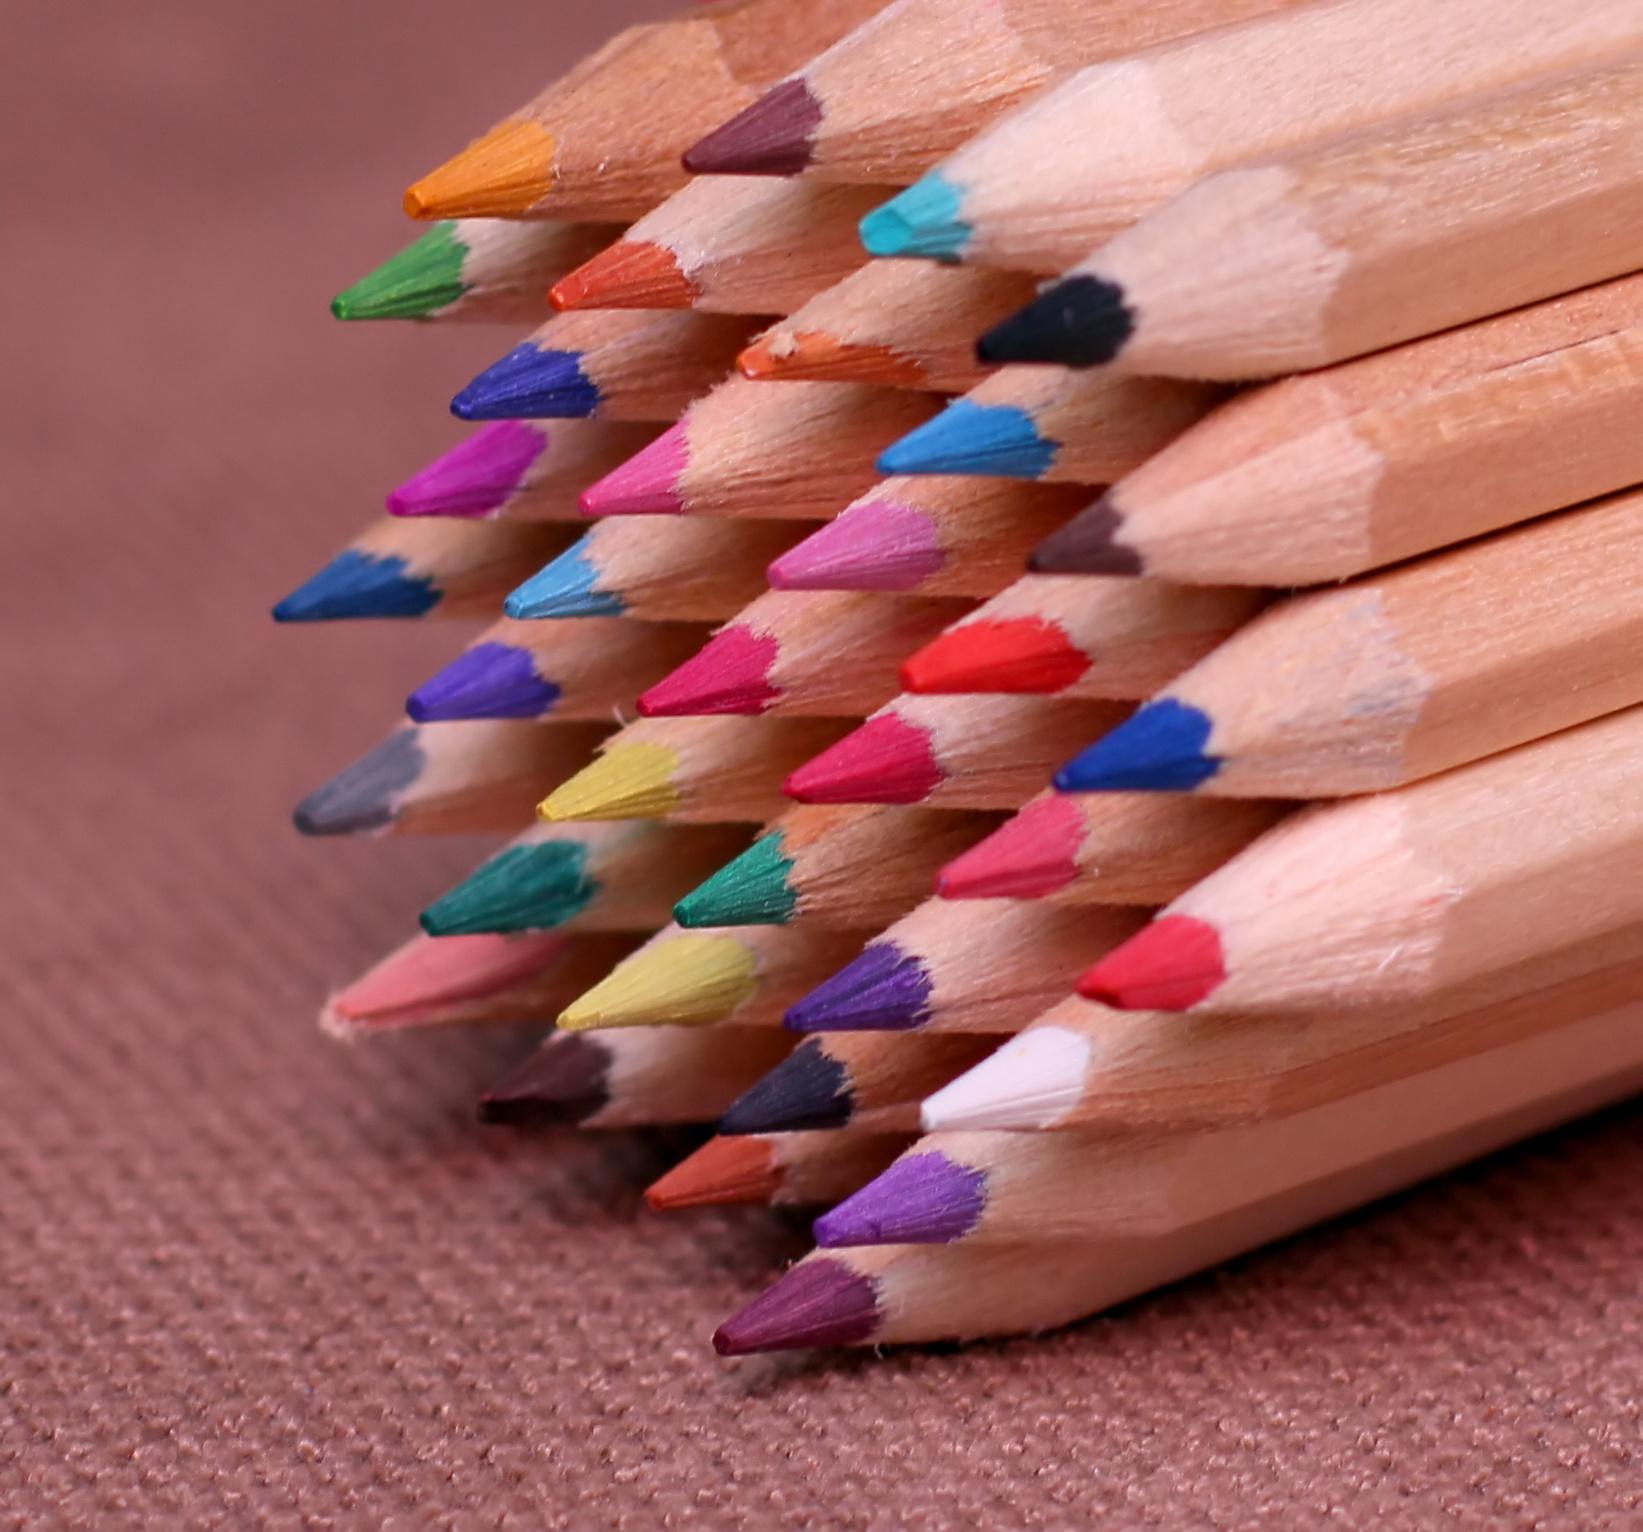 【ブラジル】大人に塗り絵が人気 ストレス解消効果も